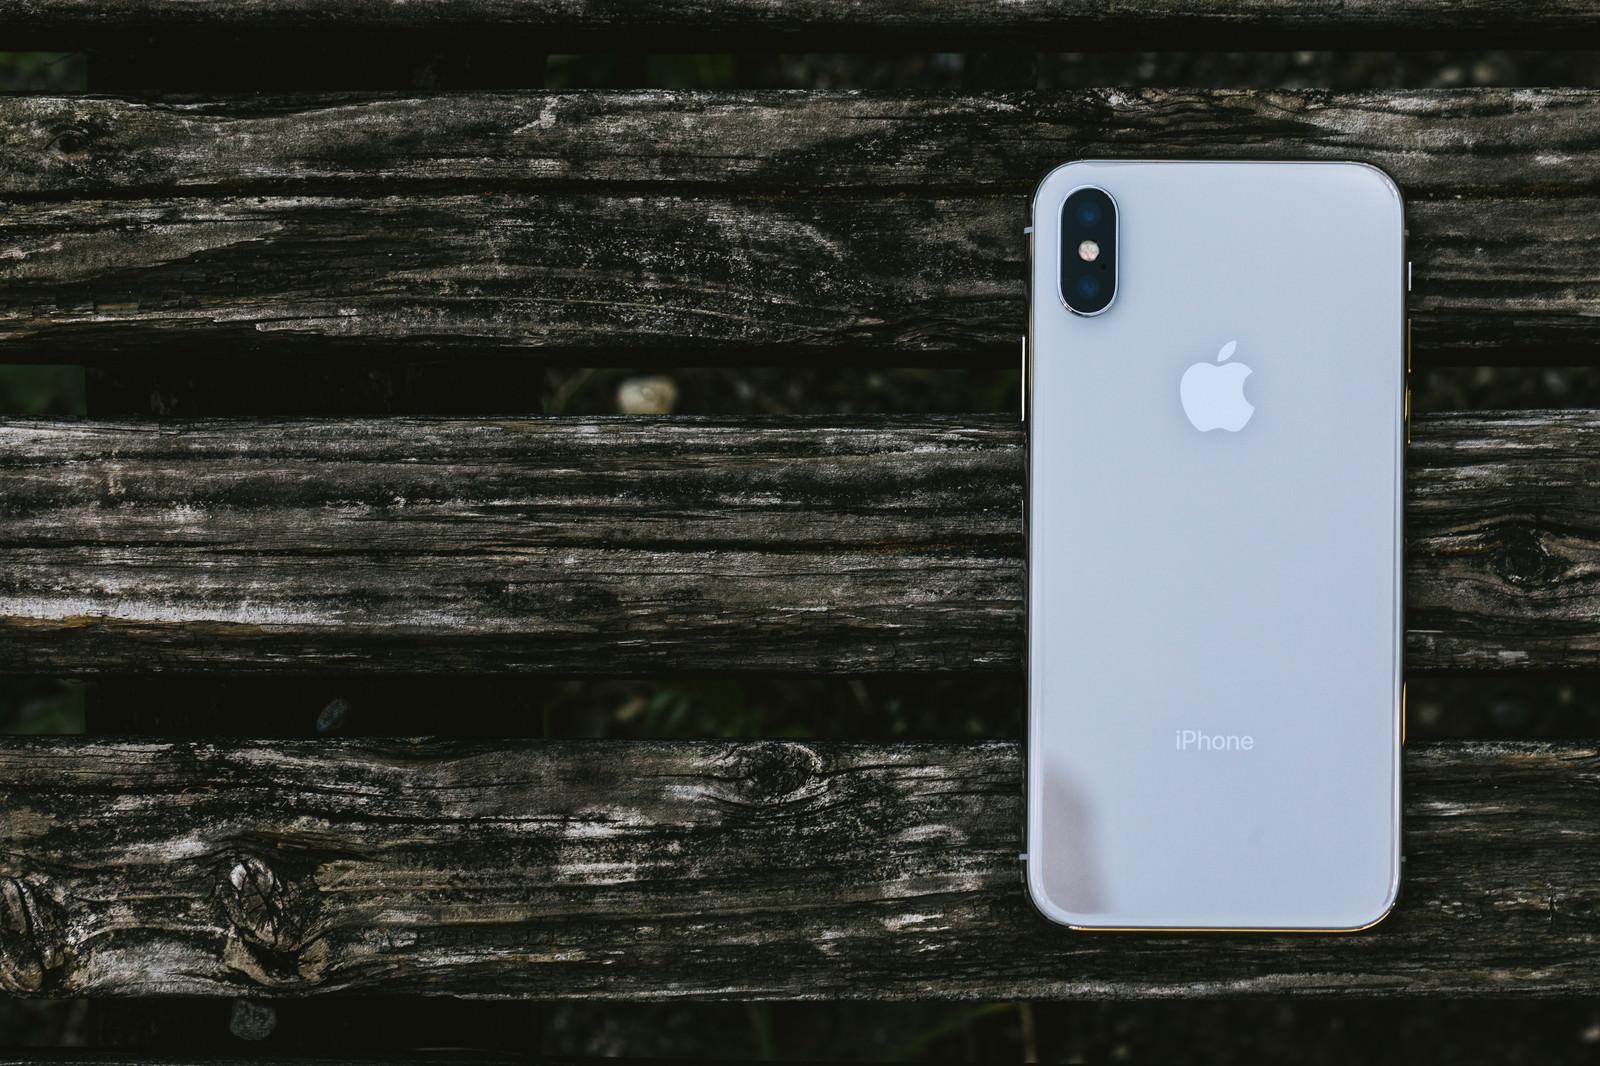 「木の板と iPhone X (背面)」の写真